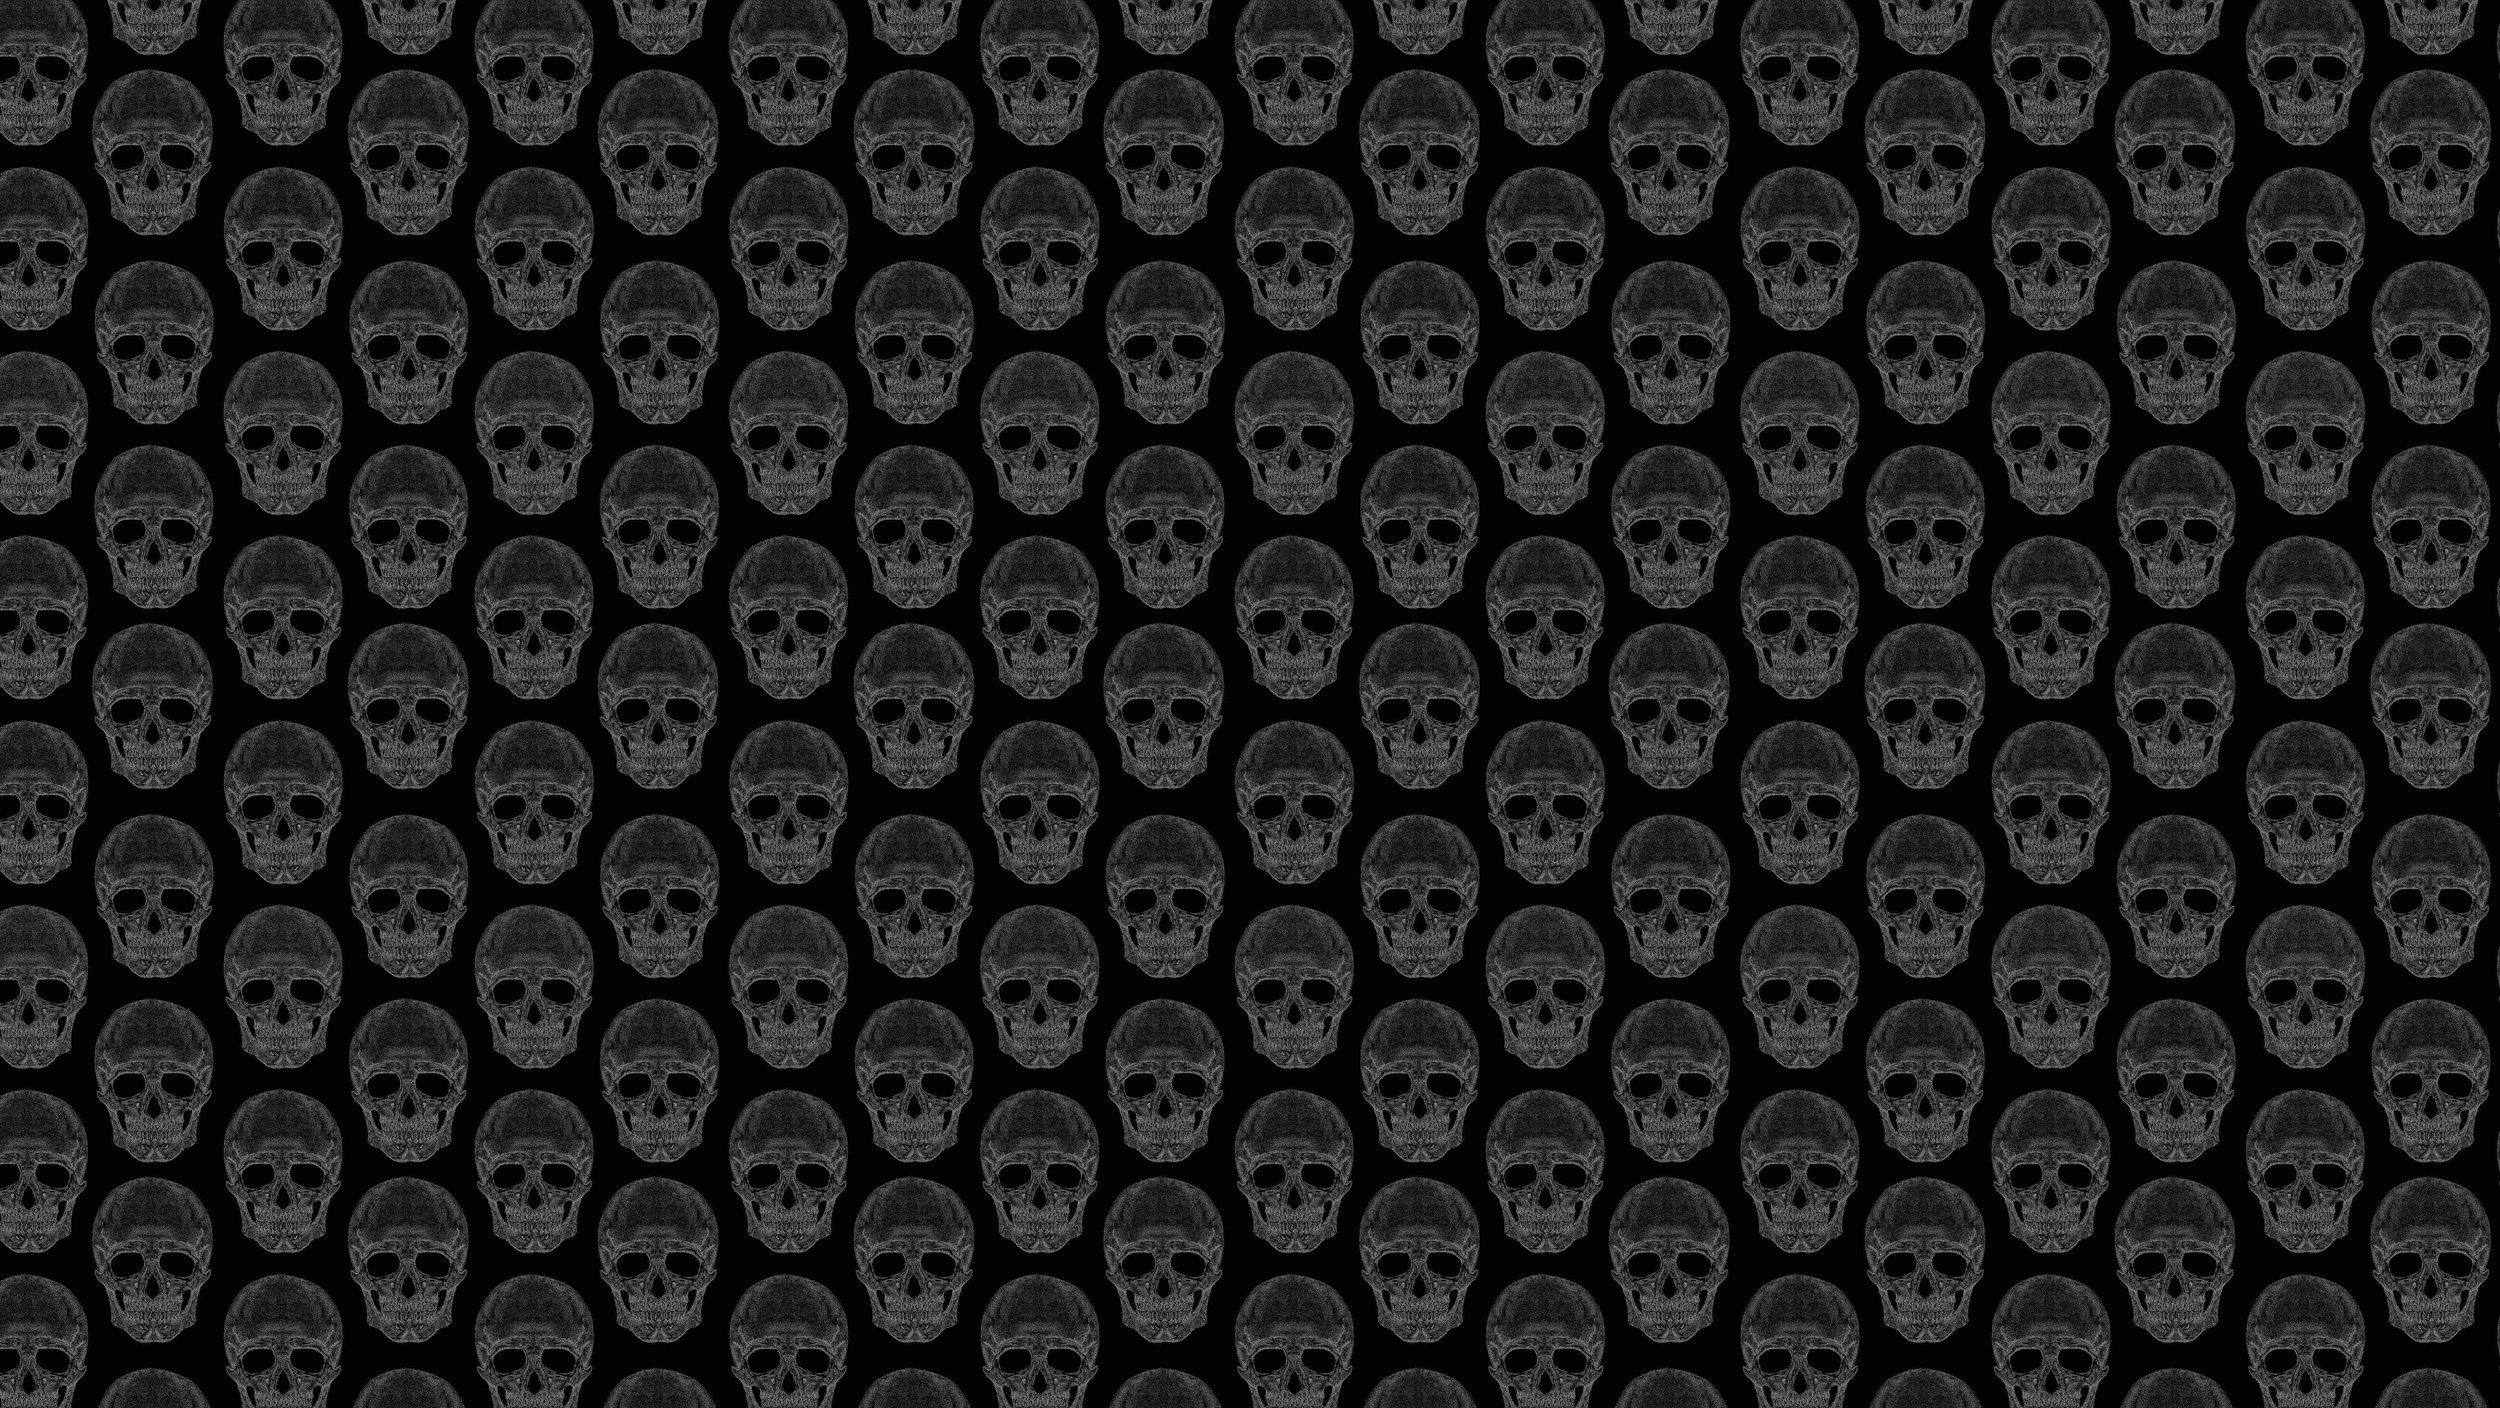 GreySkull_Full.jpg